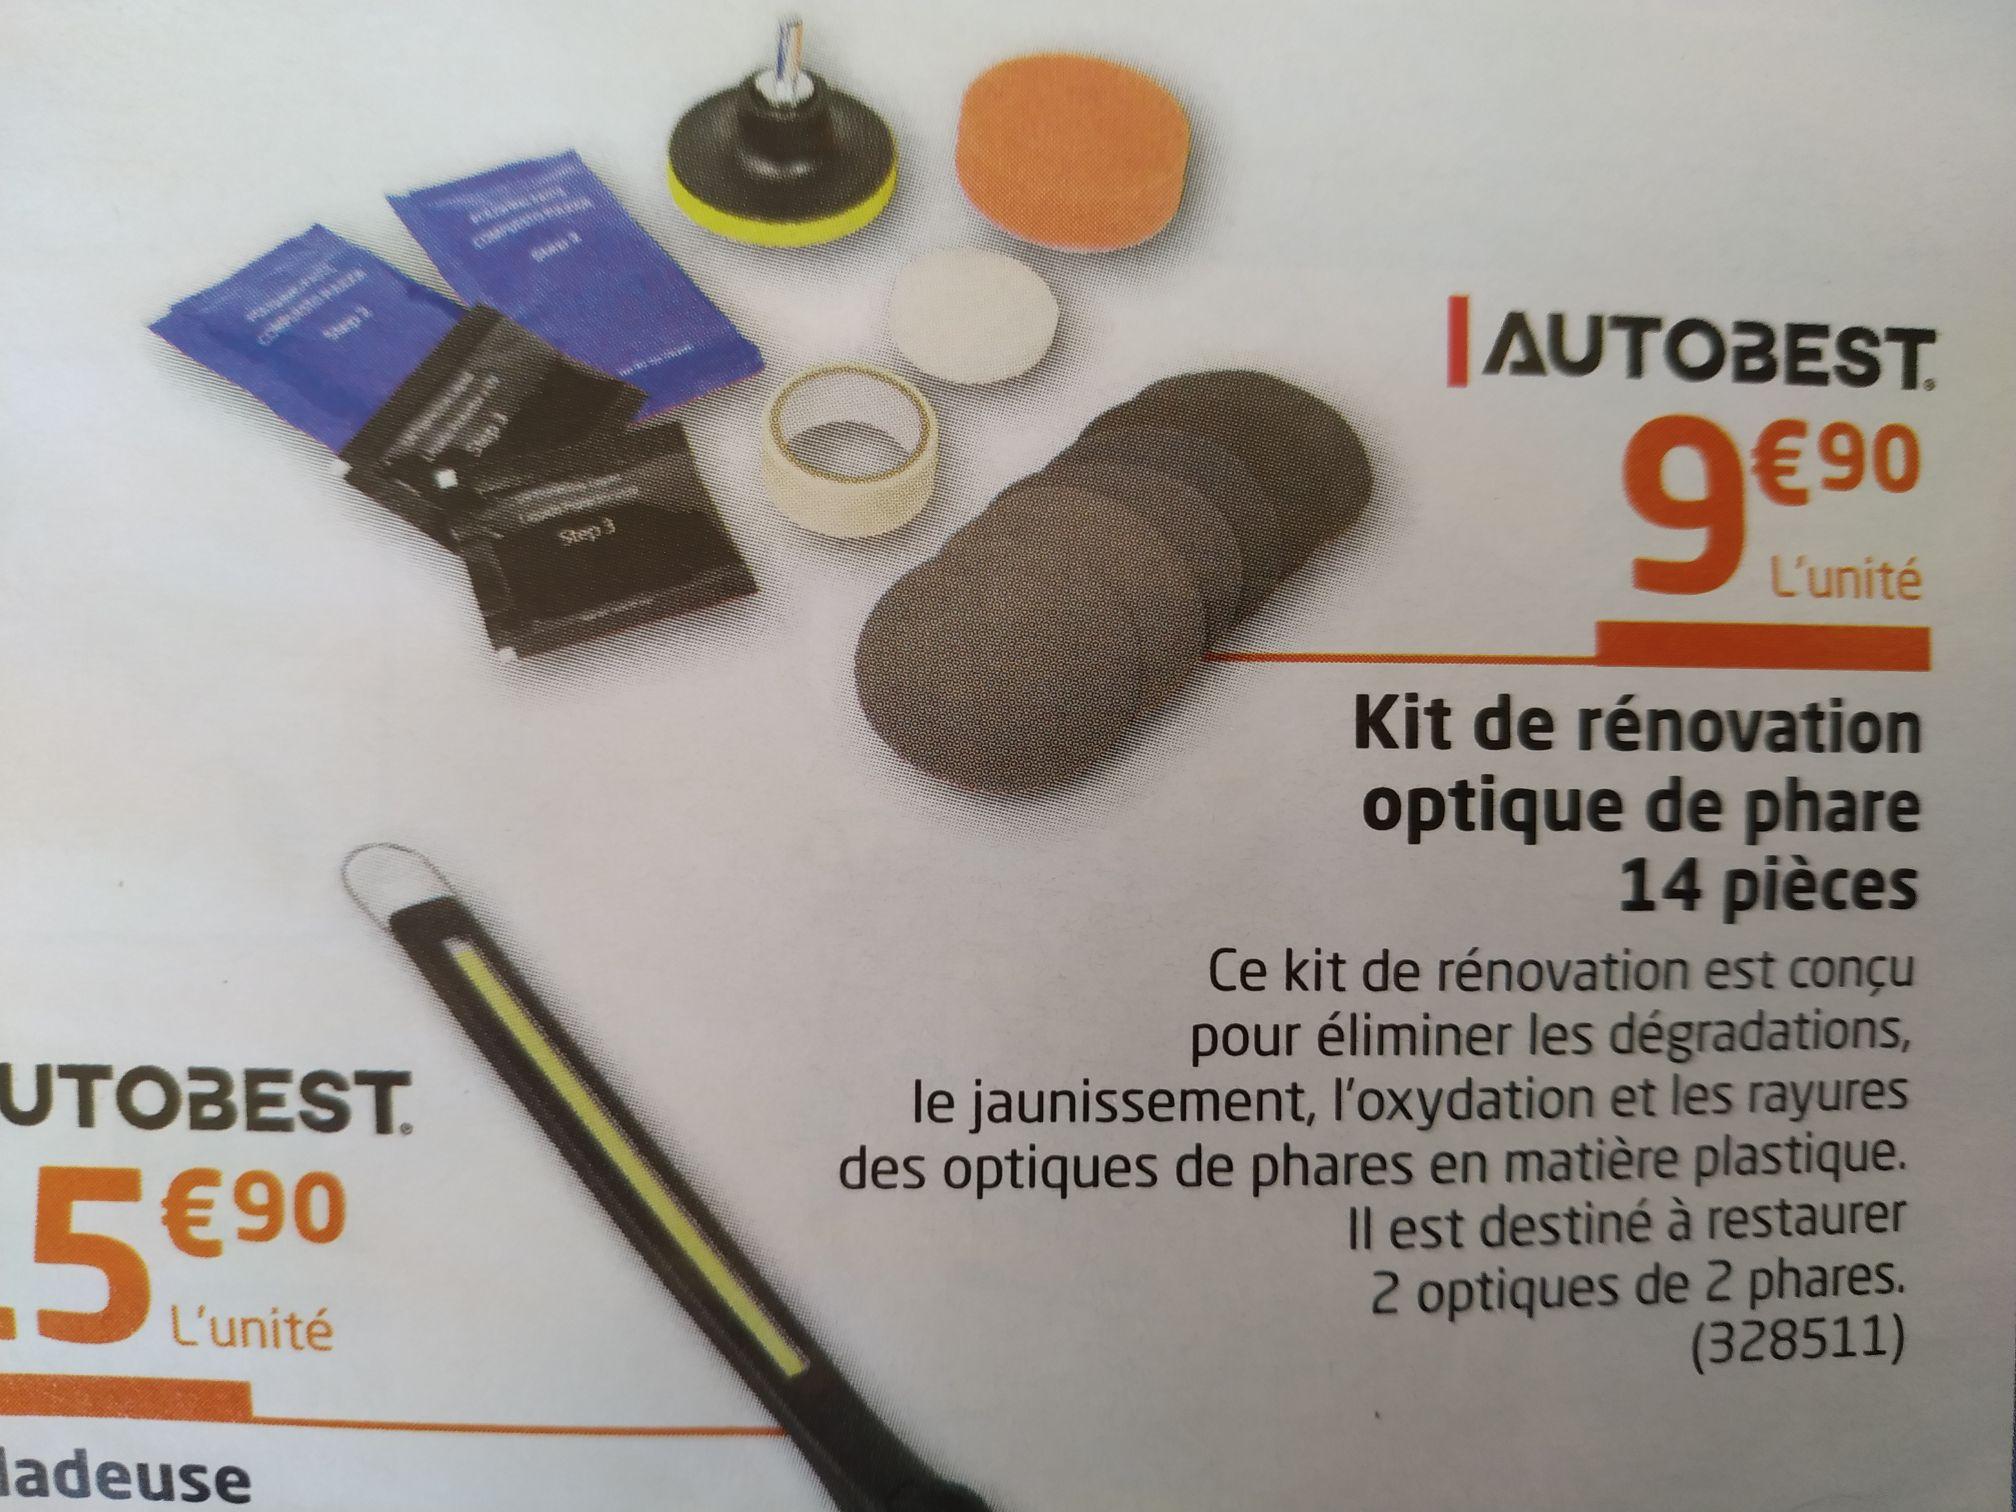 Kit de rénovation optique de phare Autobest - 14 pièces